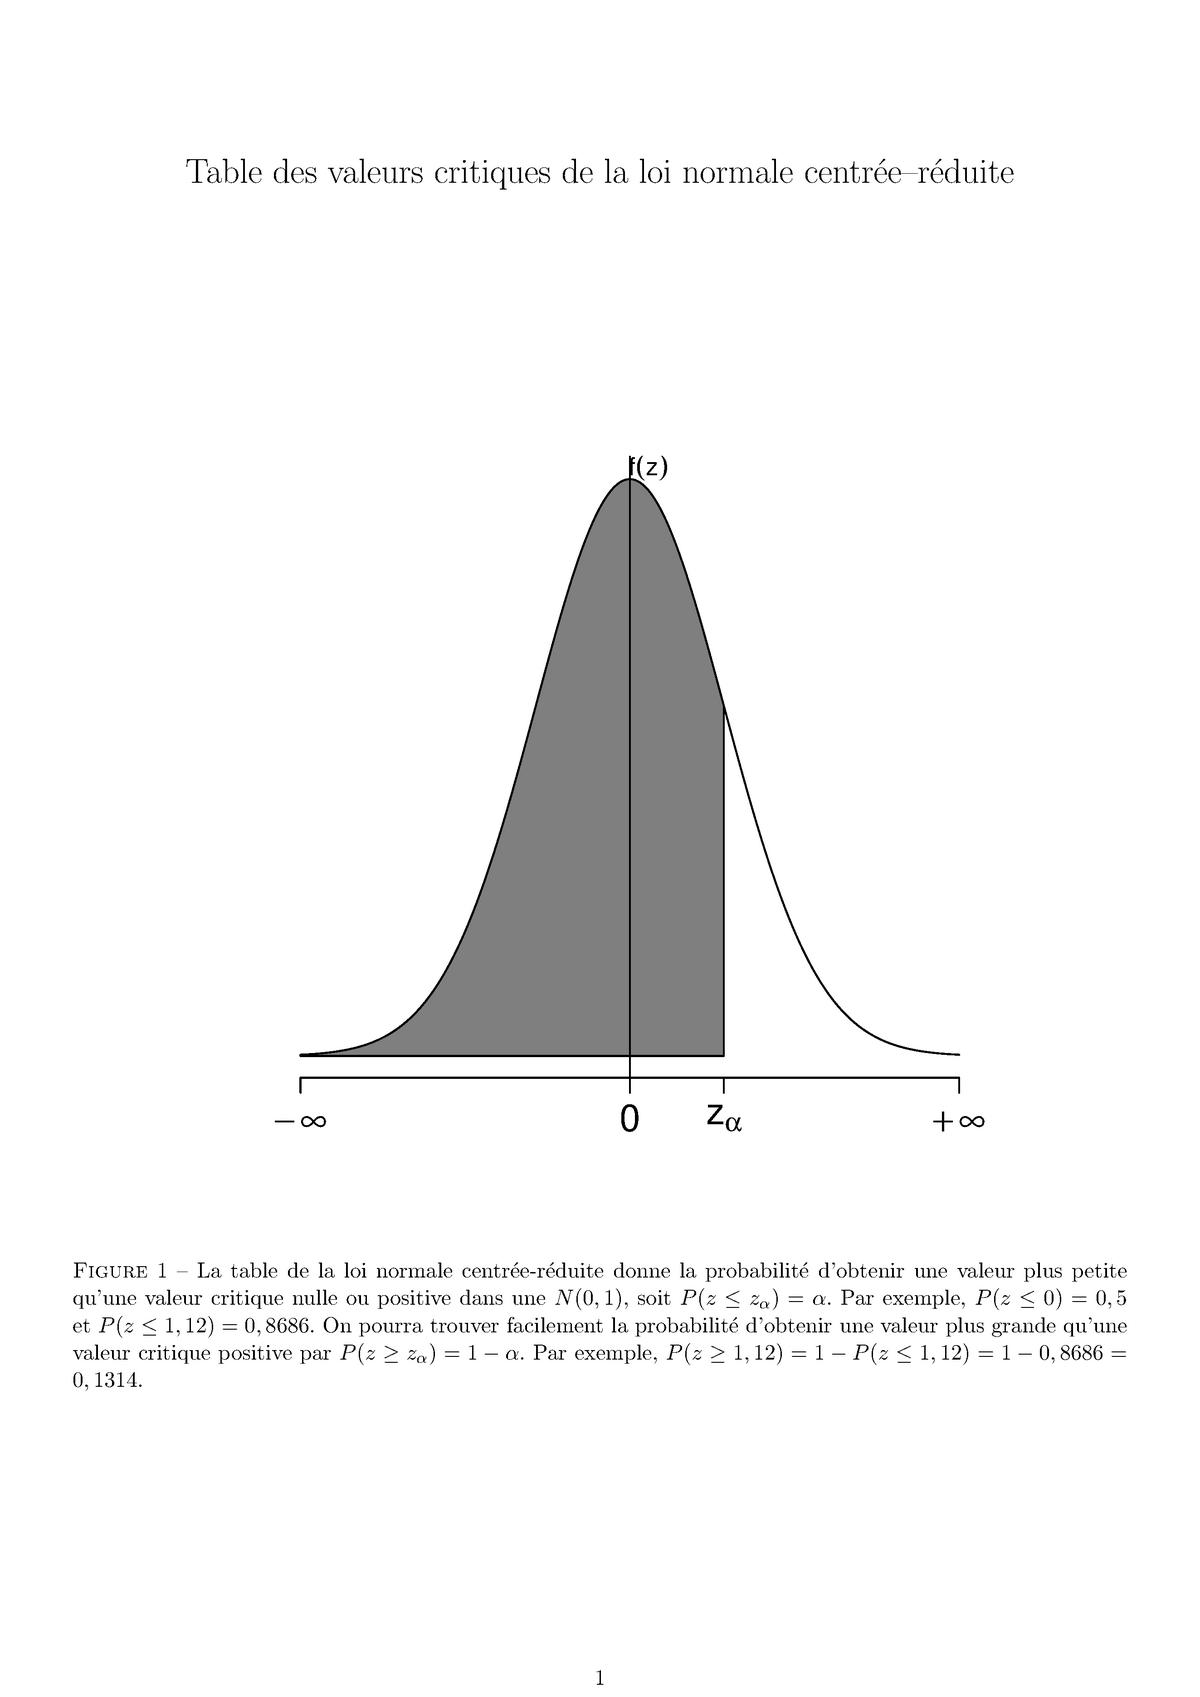 5 Table des valeurs critiques de la loi normale centrée-réduite (z